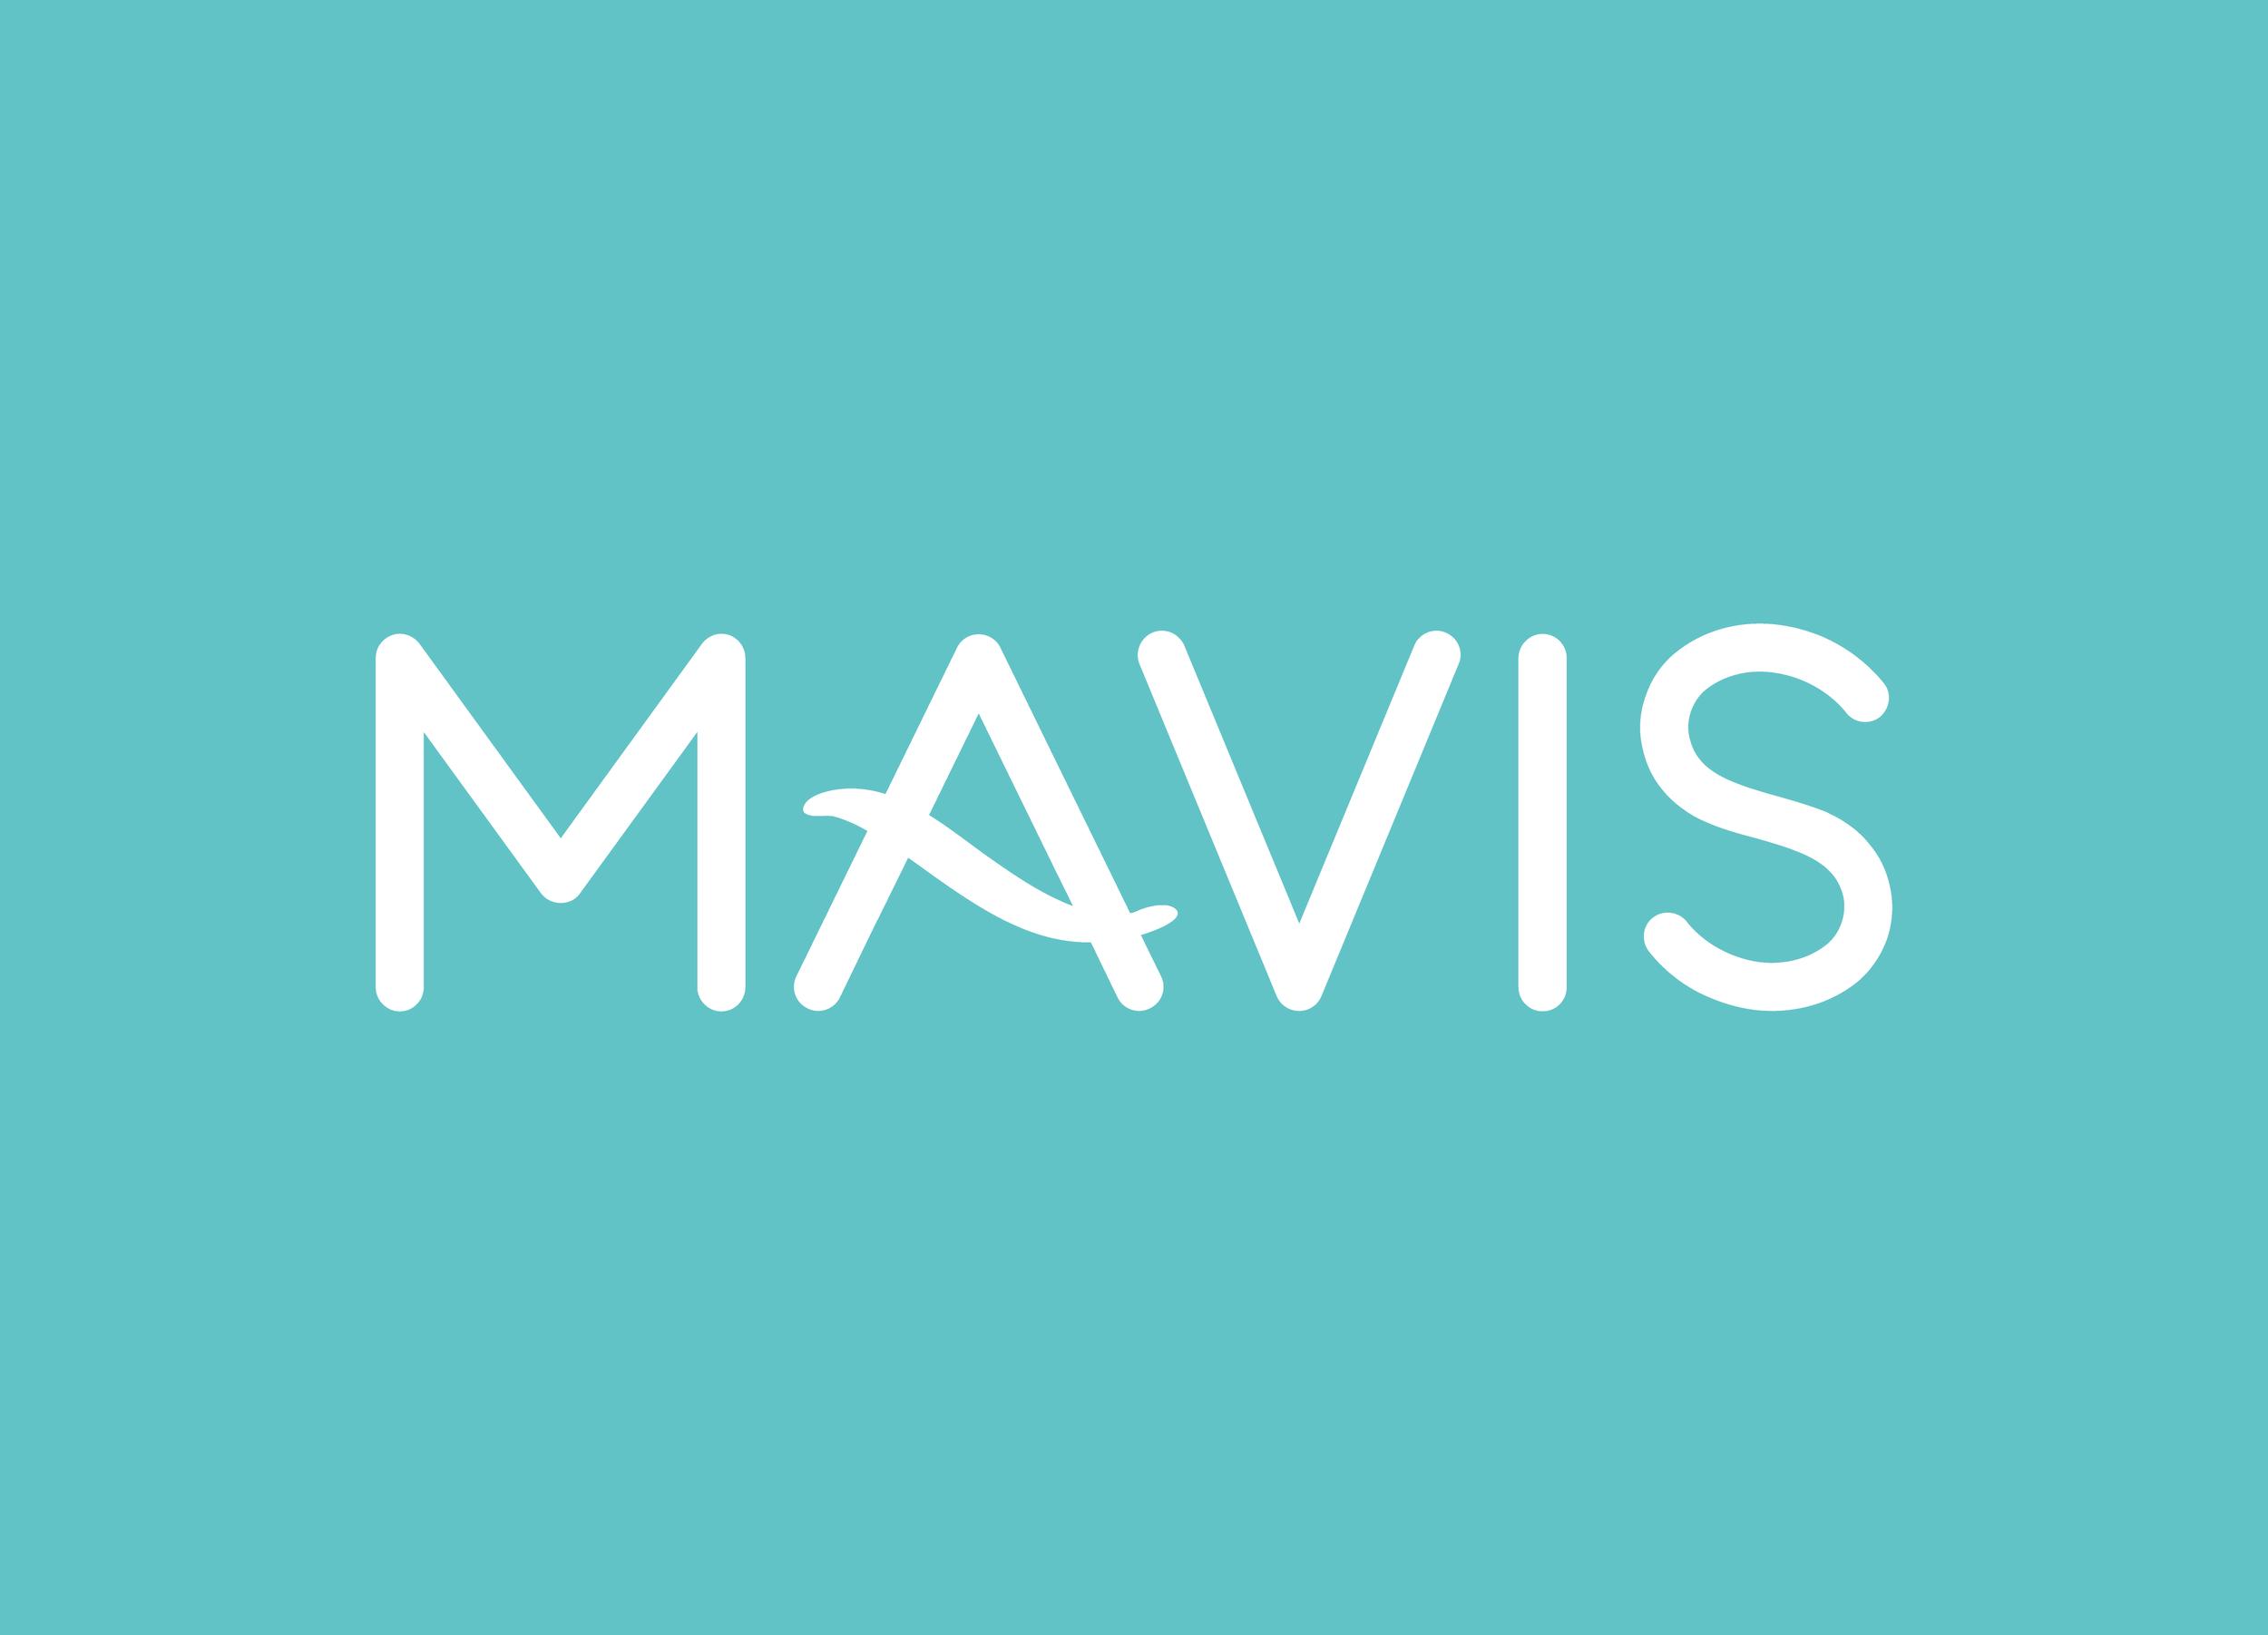 mavis-01.png